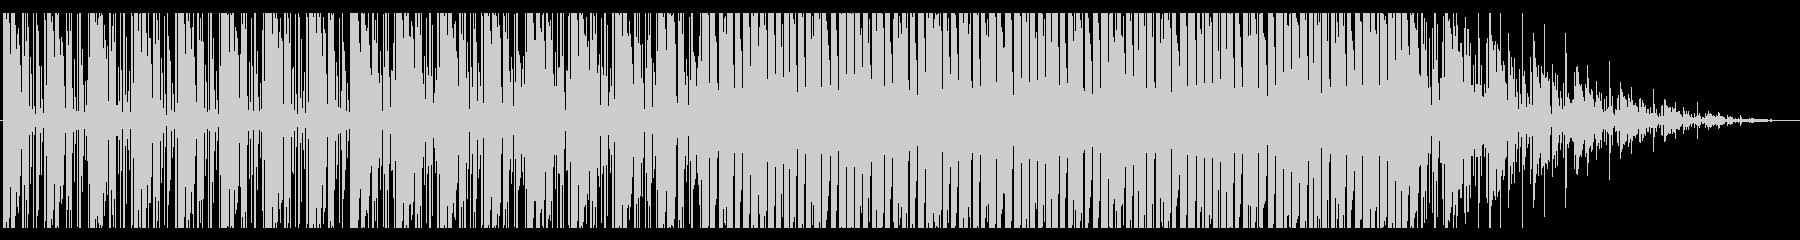 明るいピアノラウンジ_No406_3の未再生の波形